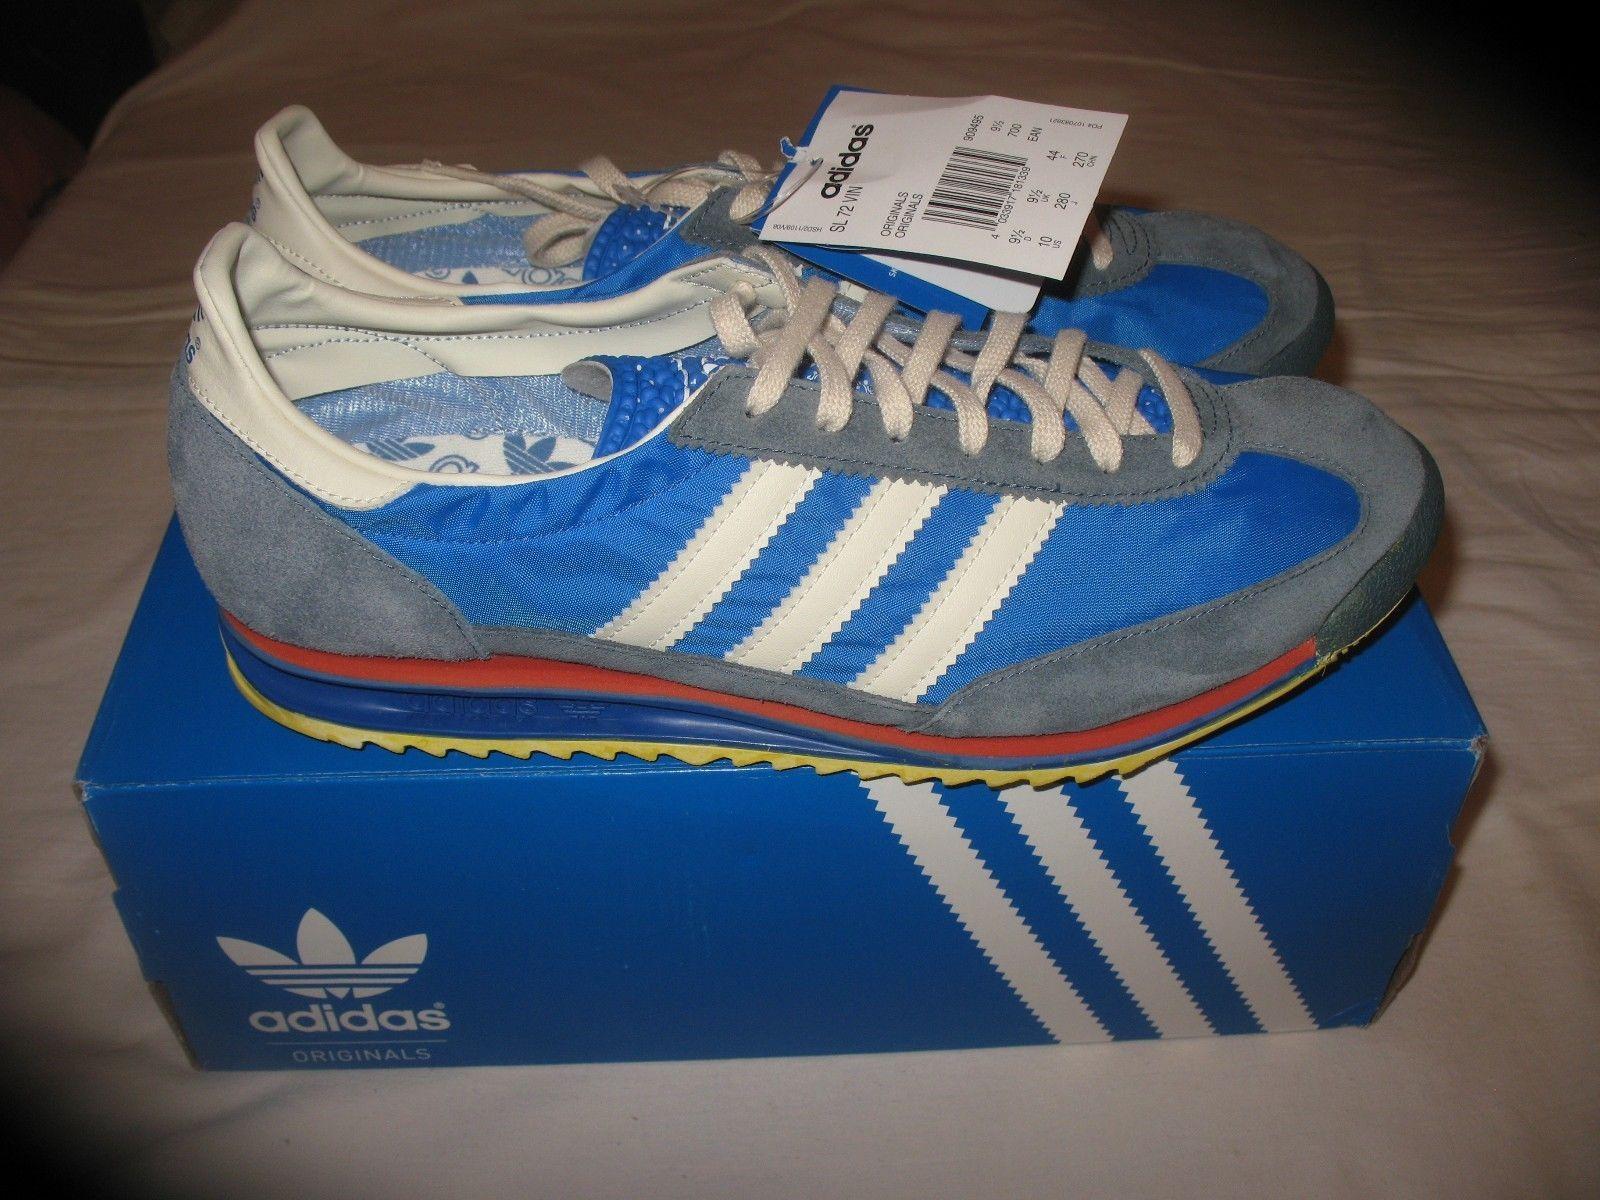 competitive price da05f 51090 NWT Adidas SL 72 VIN   AFBLUE LEGACY SLATE (909495)